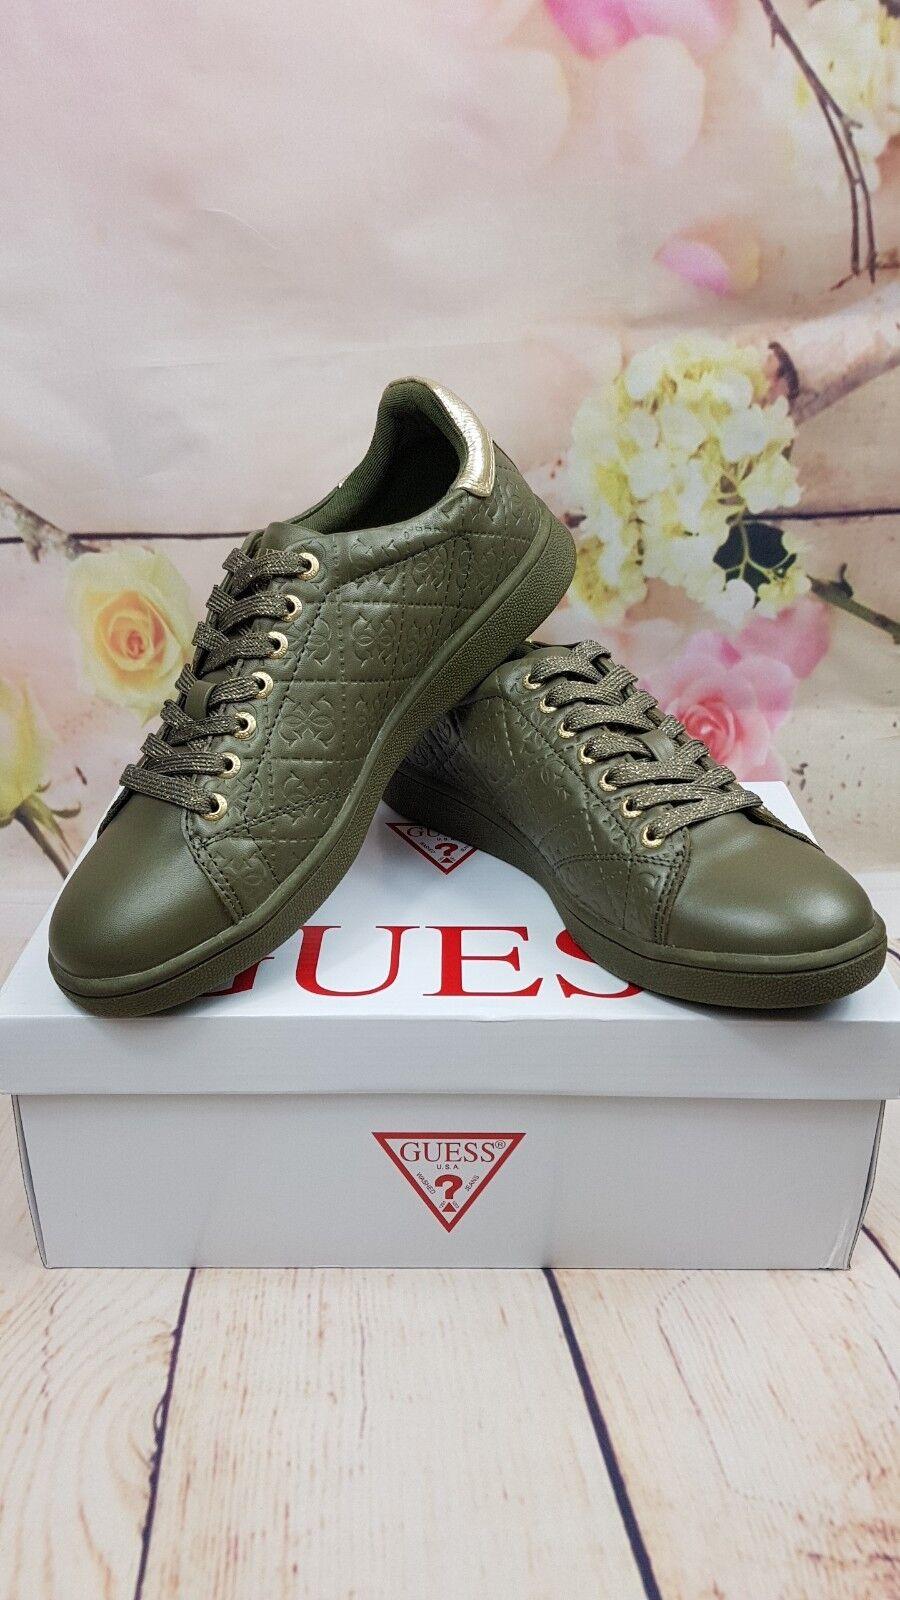 Zapatillas Zapatillas Zapatillas Guess verde de Color caqui Tamaño 38  alta calidad